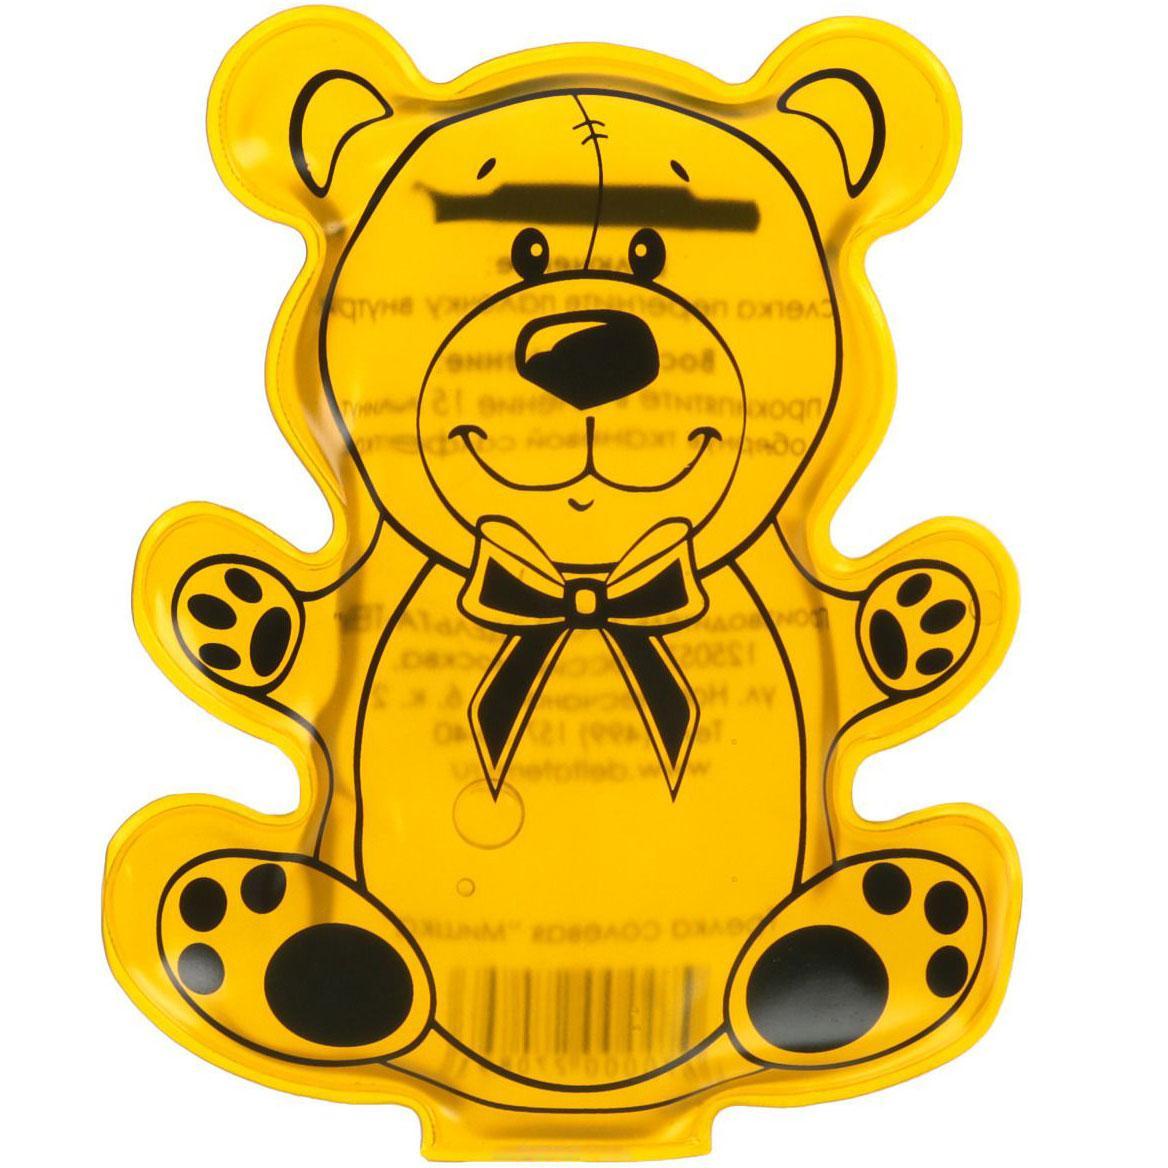 """Солевая грелка для детей """"Мишка"""" Желтый, многоразовая химическая грелка с солью (GK)"""